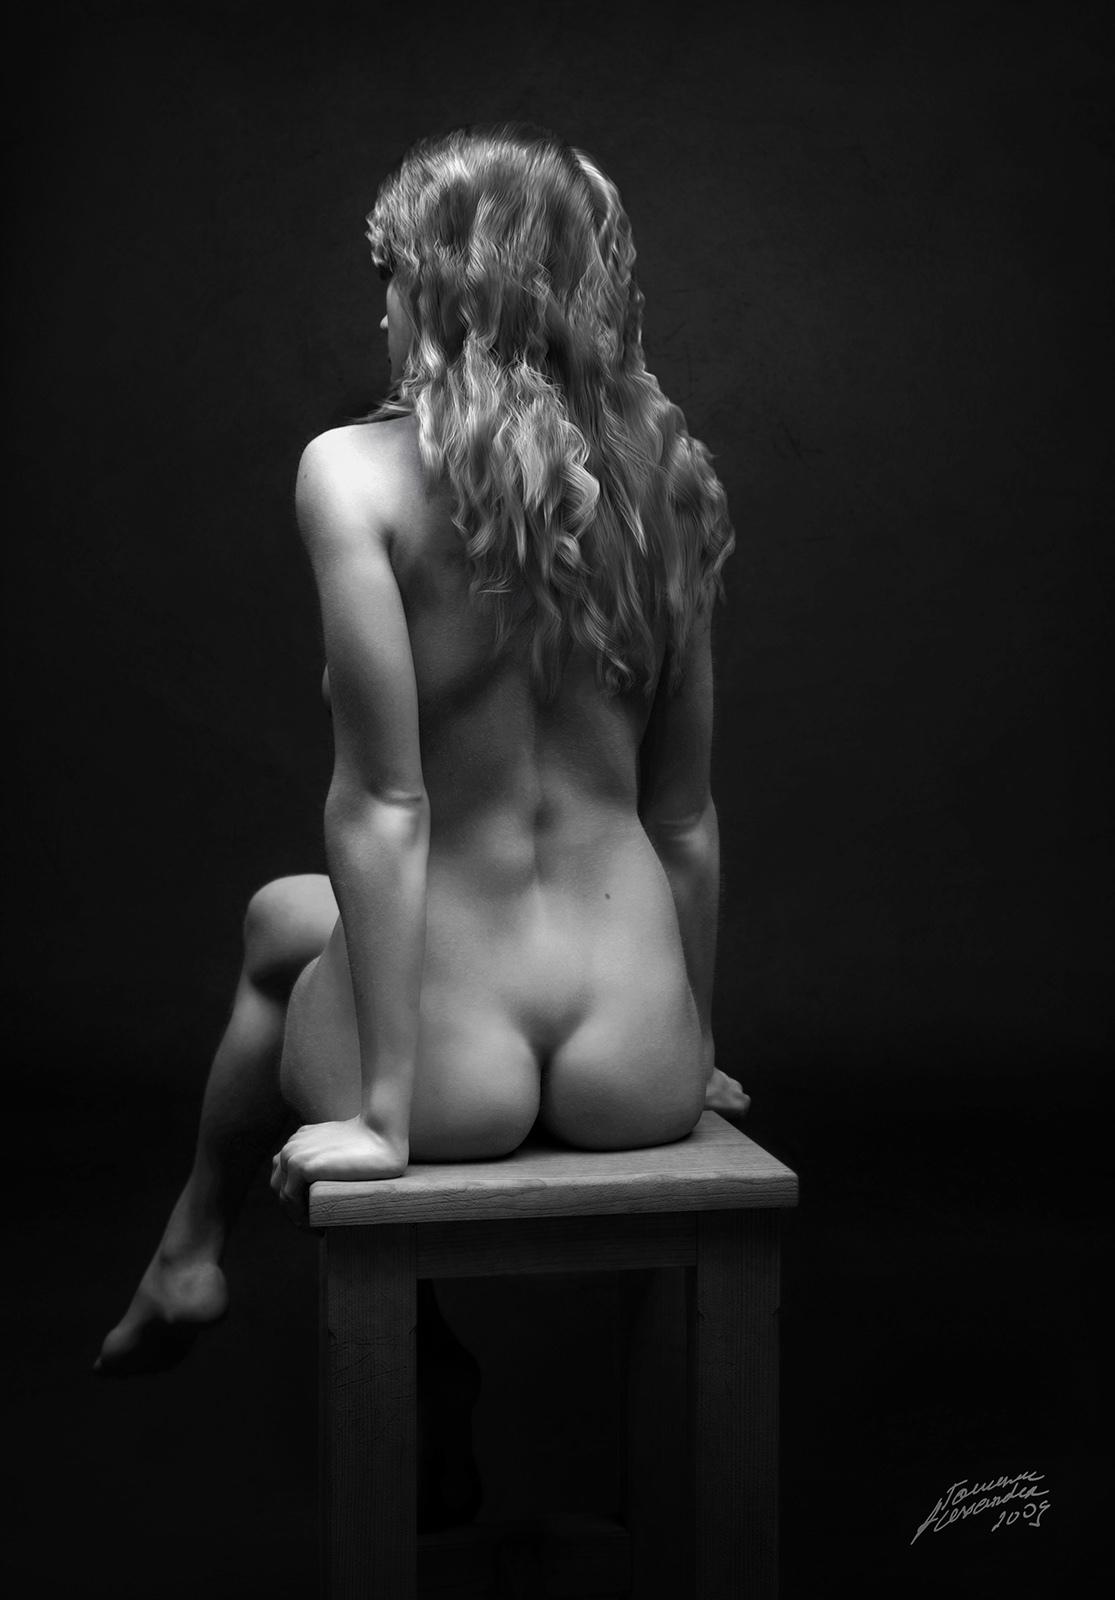 Alexandert girl on a chair 1 c7a90313 ax92